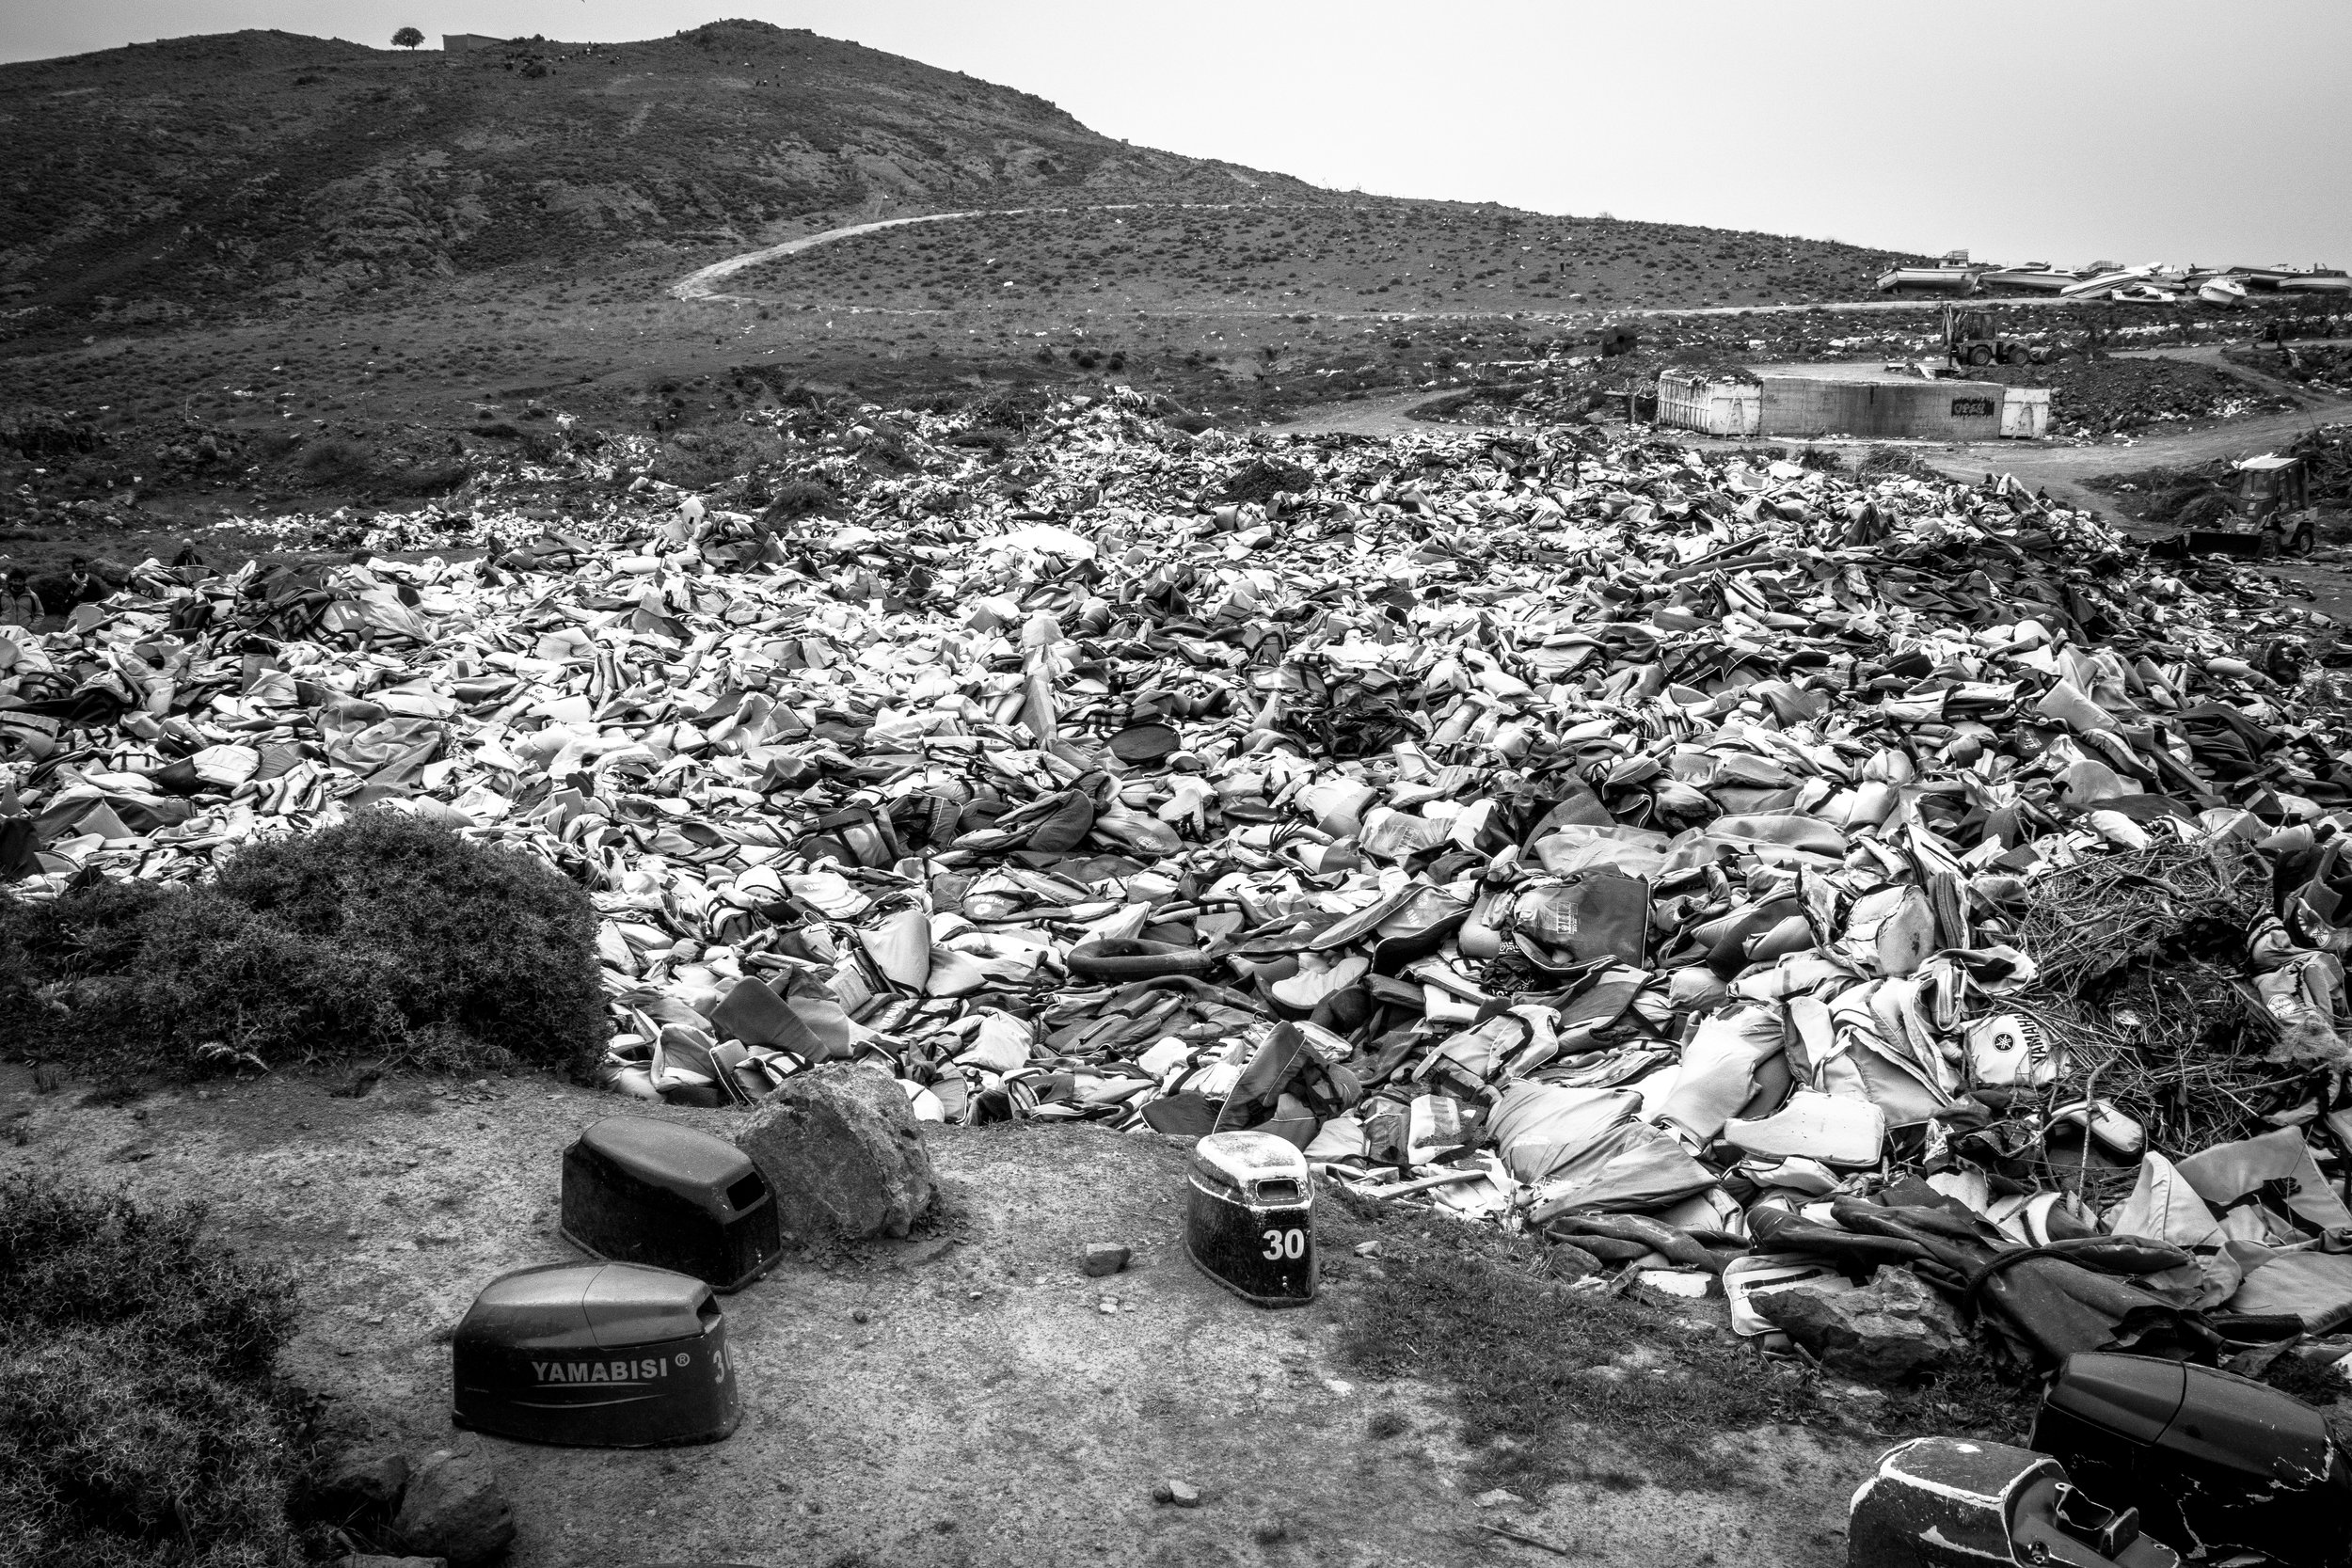 Life Jacket Graveyard, Molyvos, Lesvos, Greece